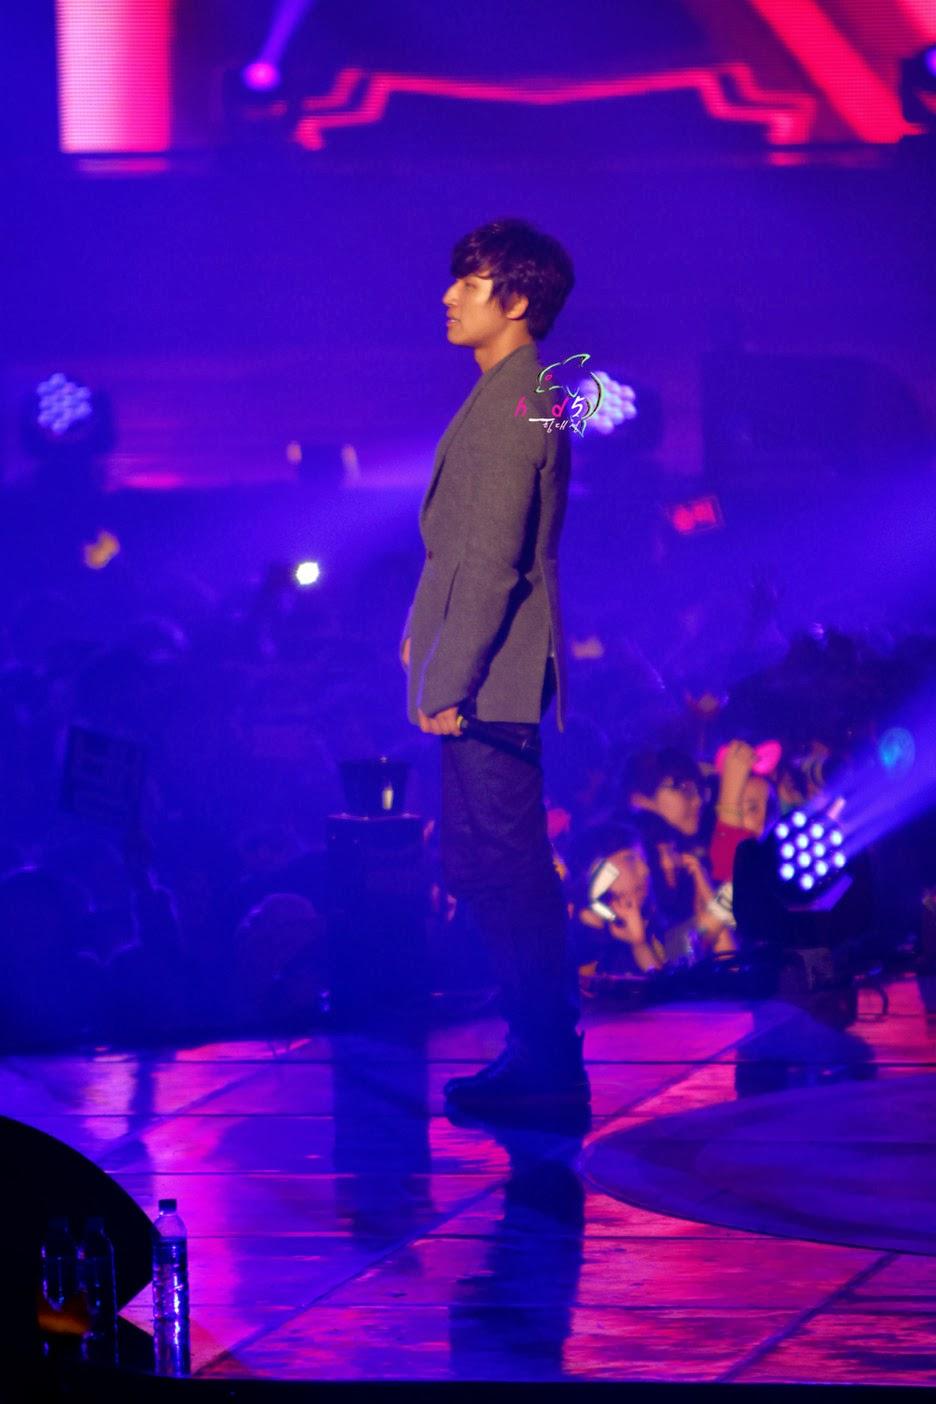 http://2.bp.blogspot.com/-NFPOX9t-NYo/TvMAhS6yD4I/AAAAAAAAPNE/dKecdmPKYwg/s1600/Daesung_017.jpg